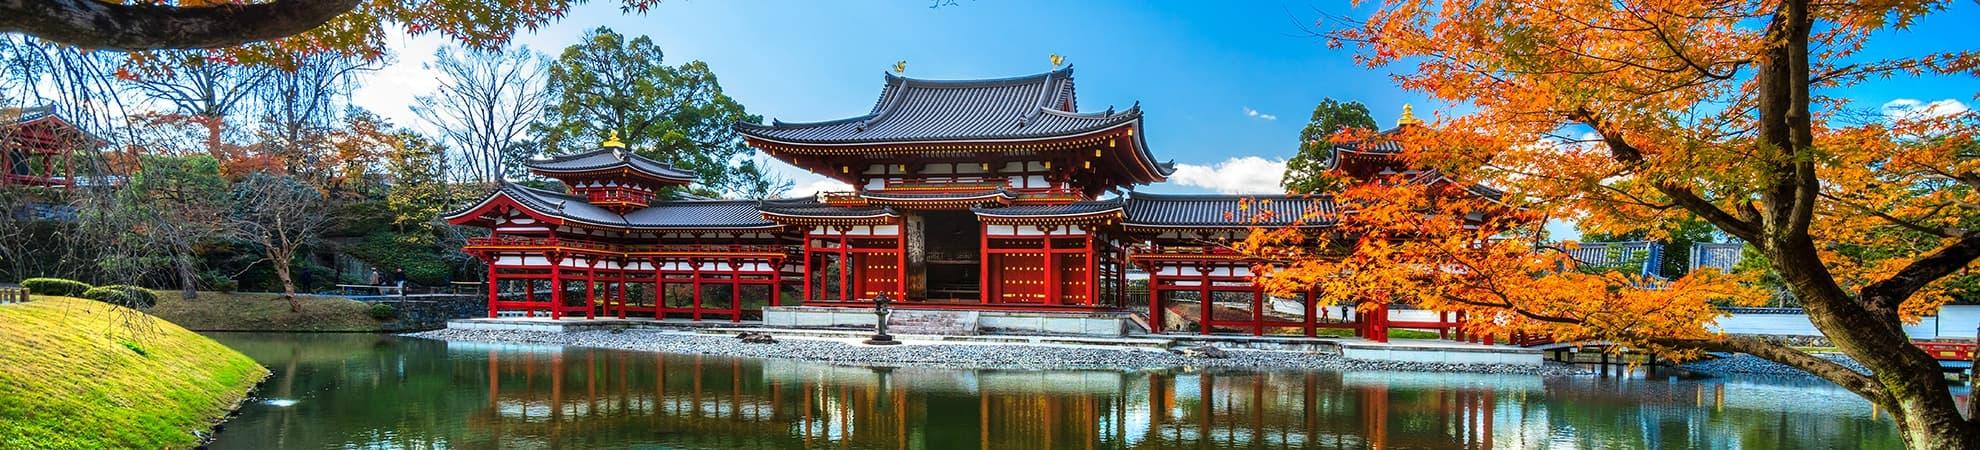 Japan cultural tours